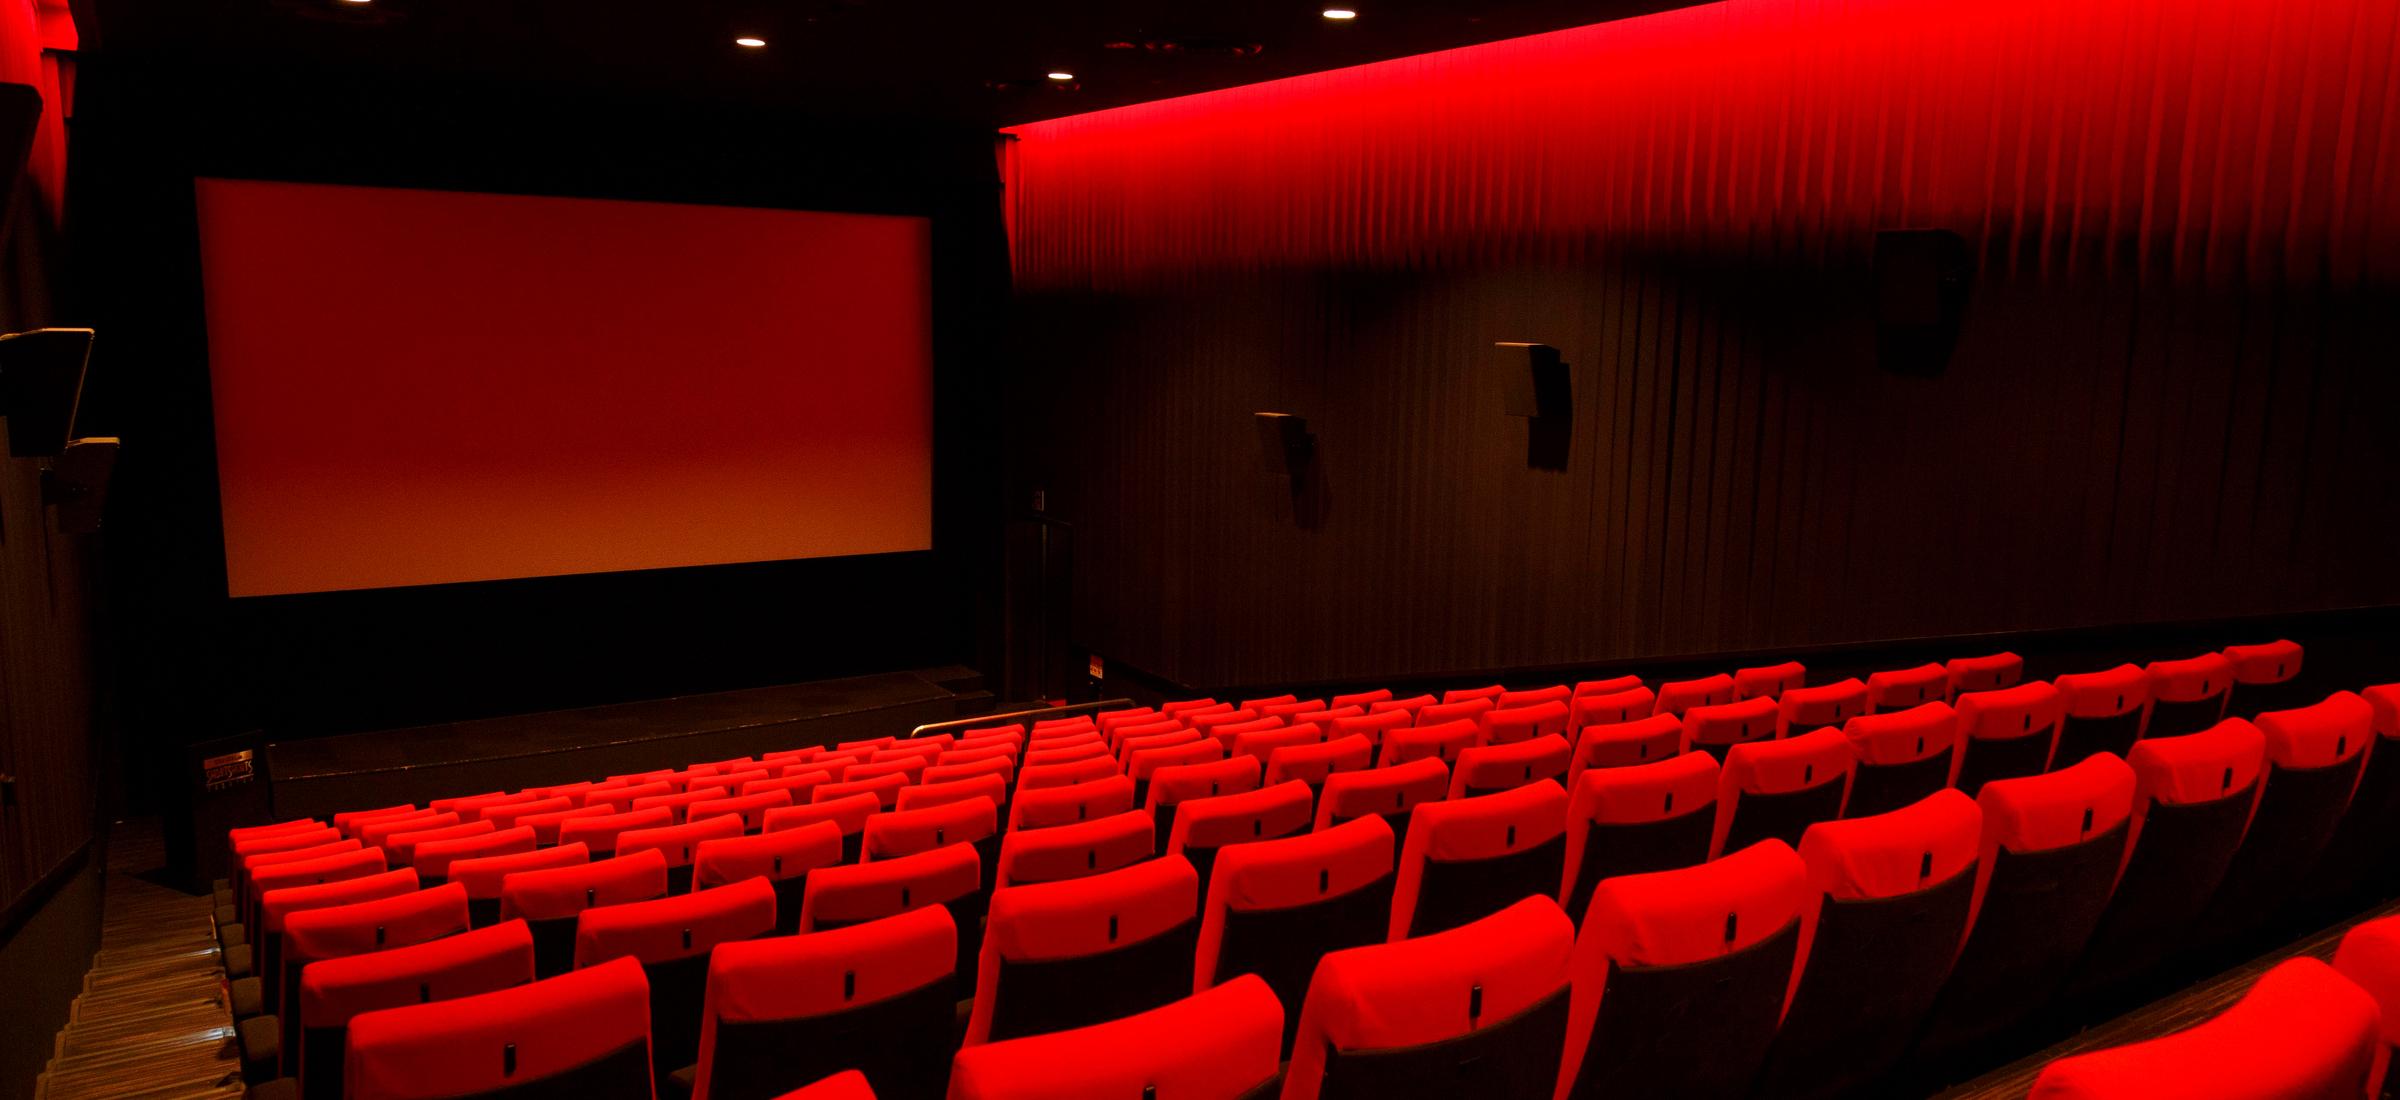 Polskie państwo wspiera małe kina, ale ignoruje multipleksy. To może oznaczać koniec branży, jaką znamy